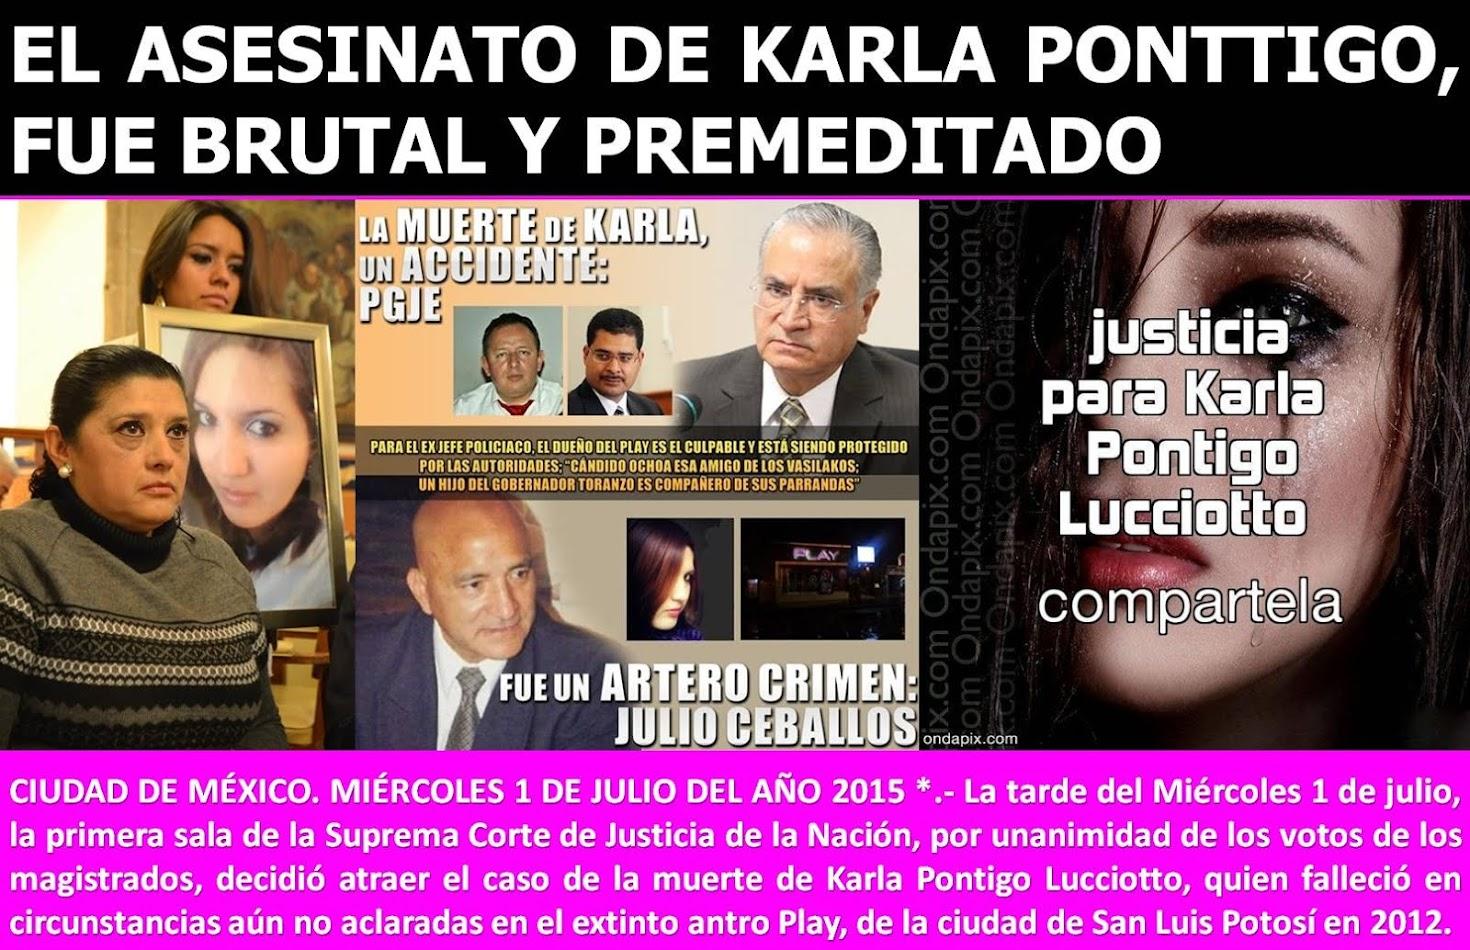 ¡JUSTICIA, JUSTICIA, JUSTICIA!